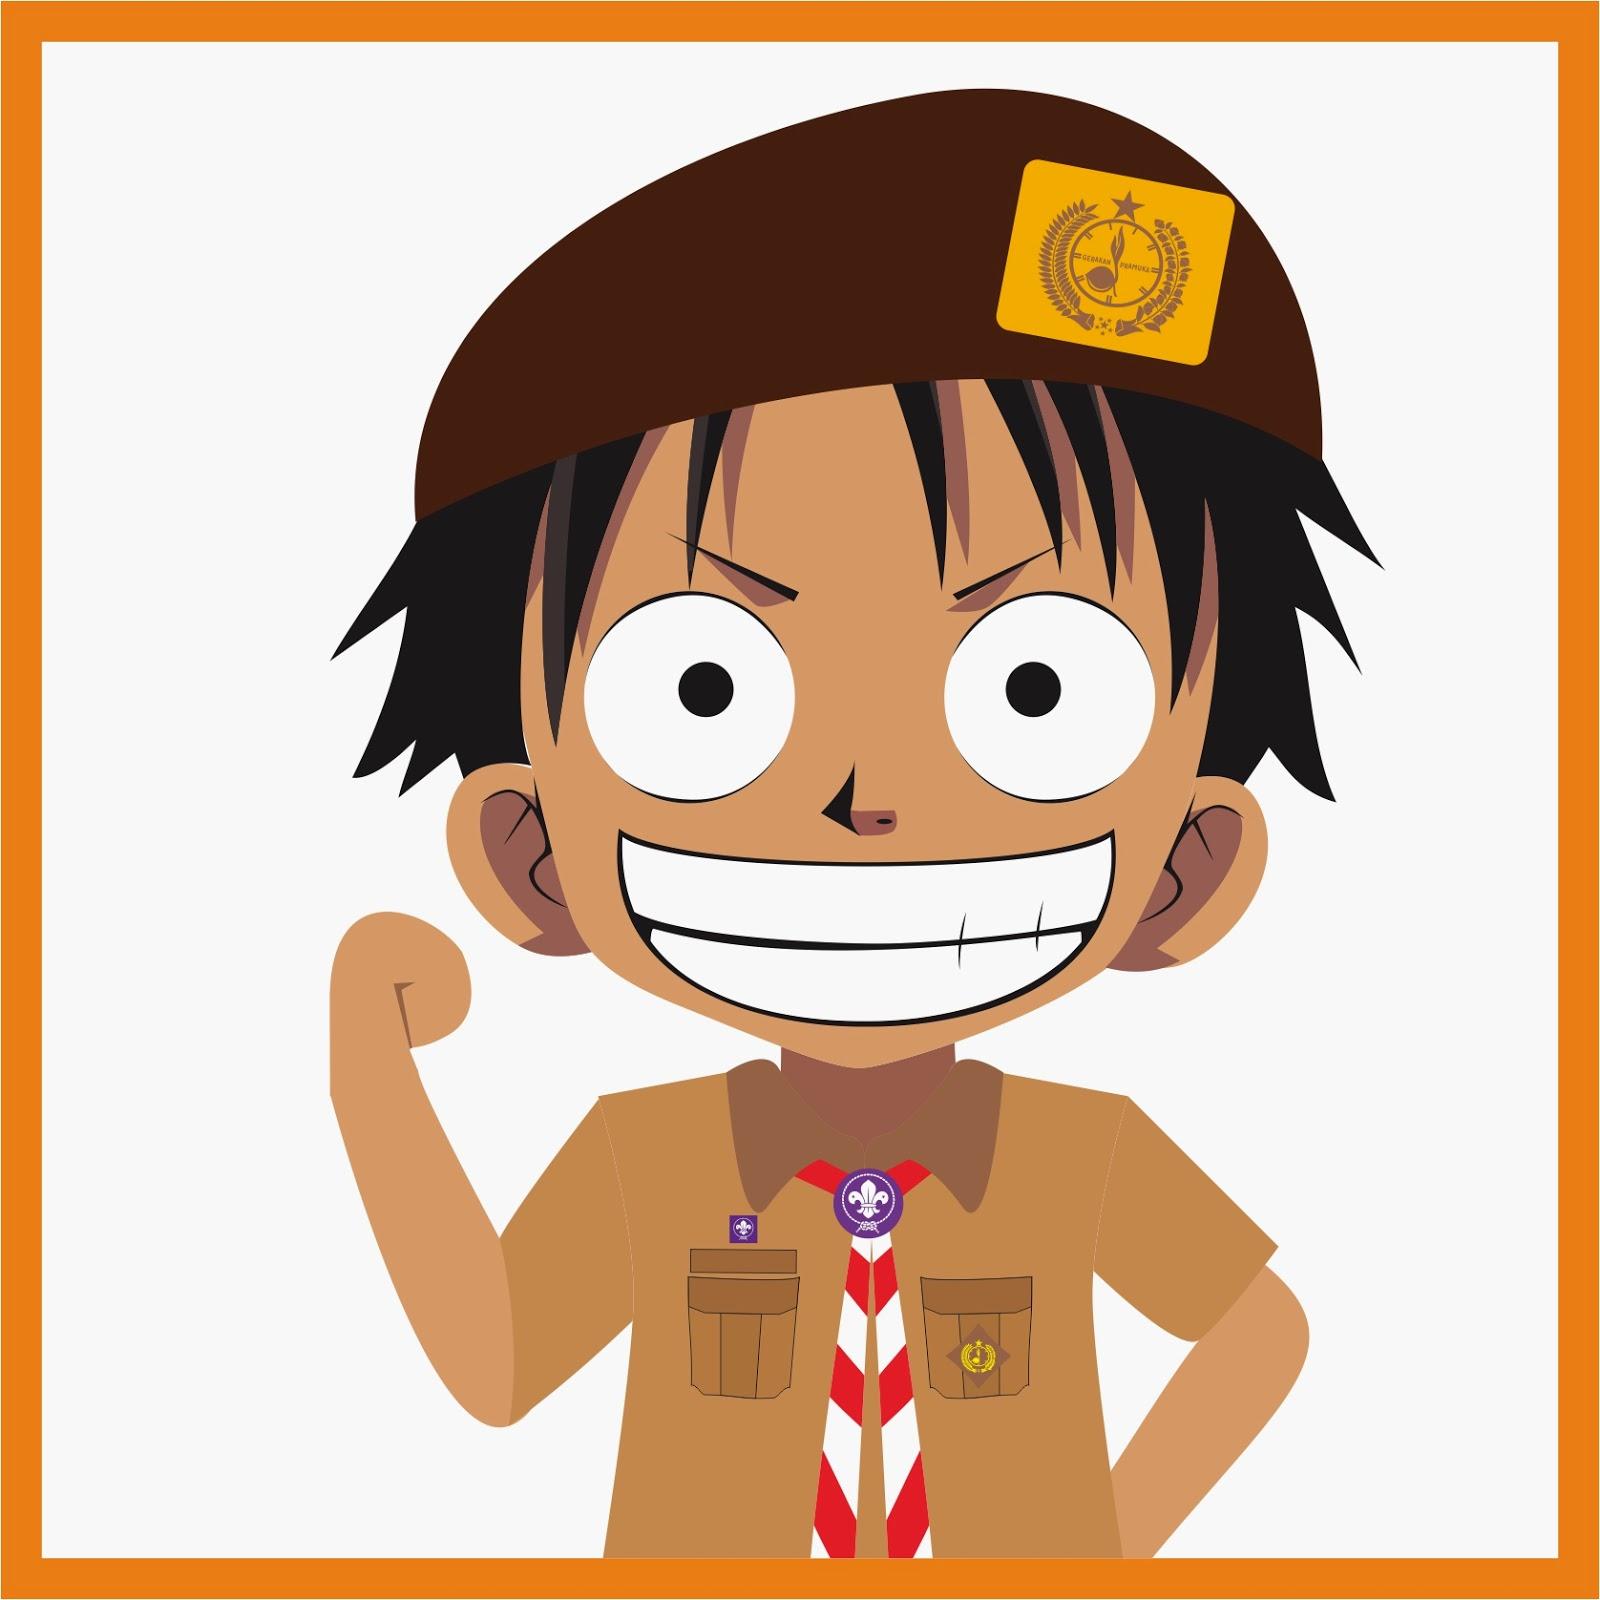 Kumpulan Gambar Kartun Anime Pramuka Kolek Gambar